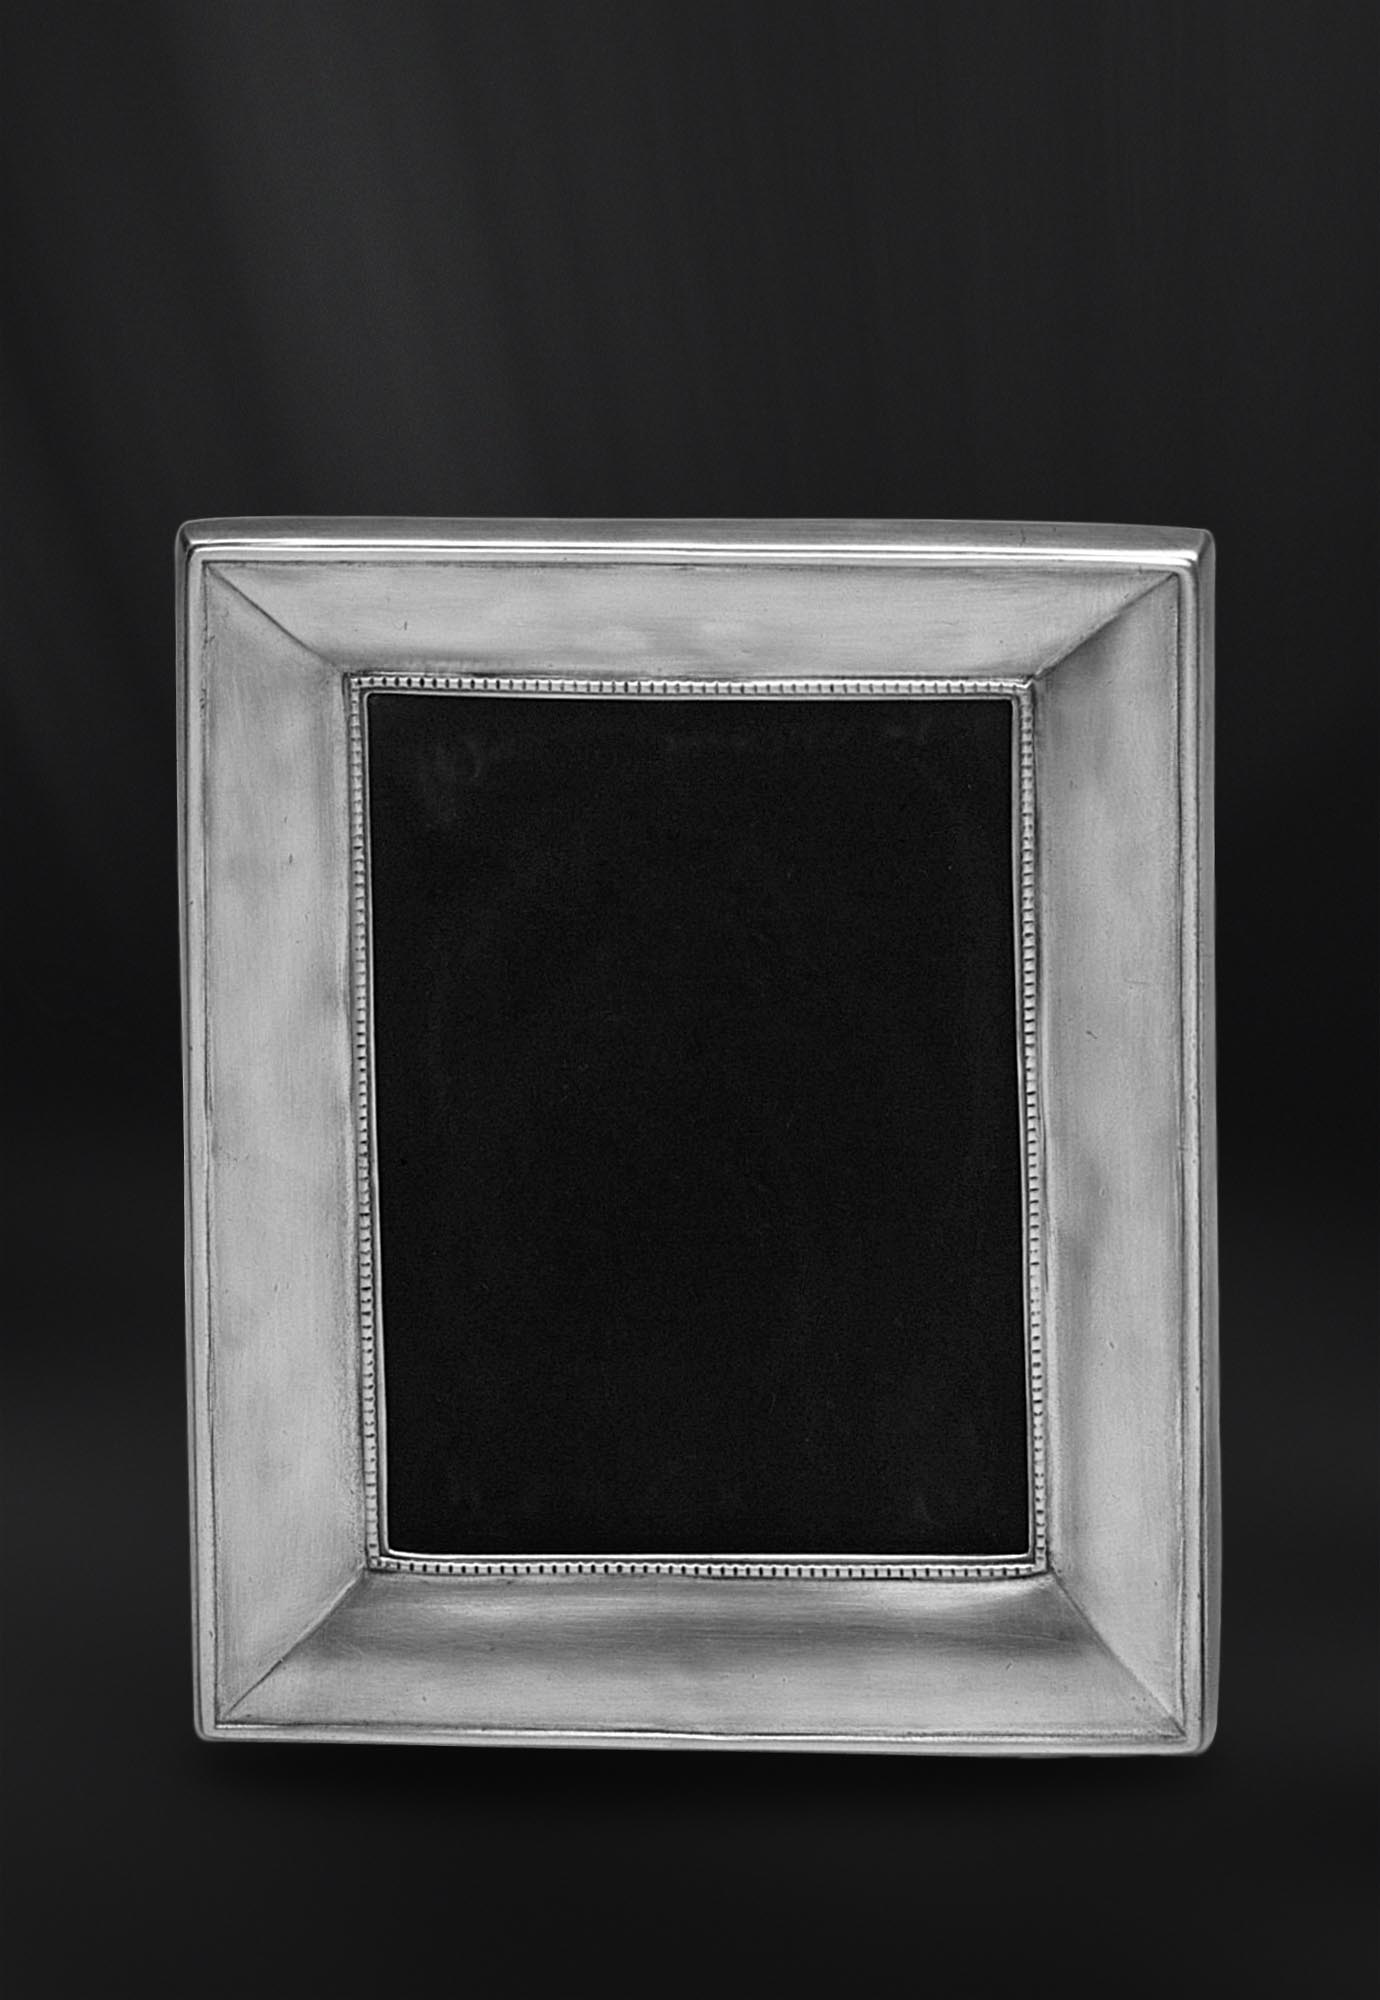 Berühmt Zielrahmen 18x24 Galerie - Benutzerdefinierte Bilderrahmen ...